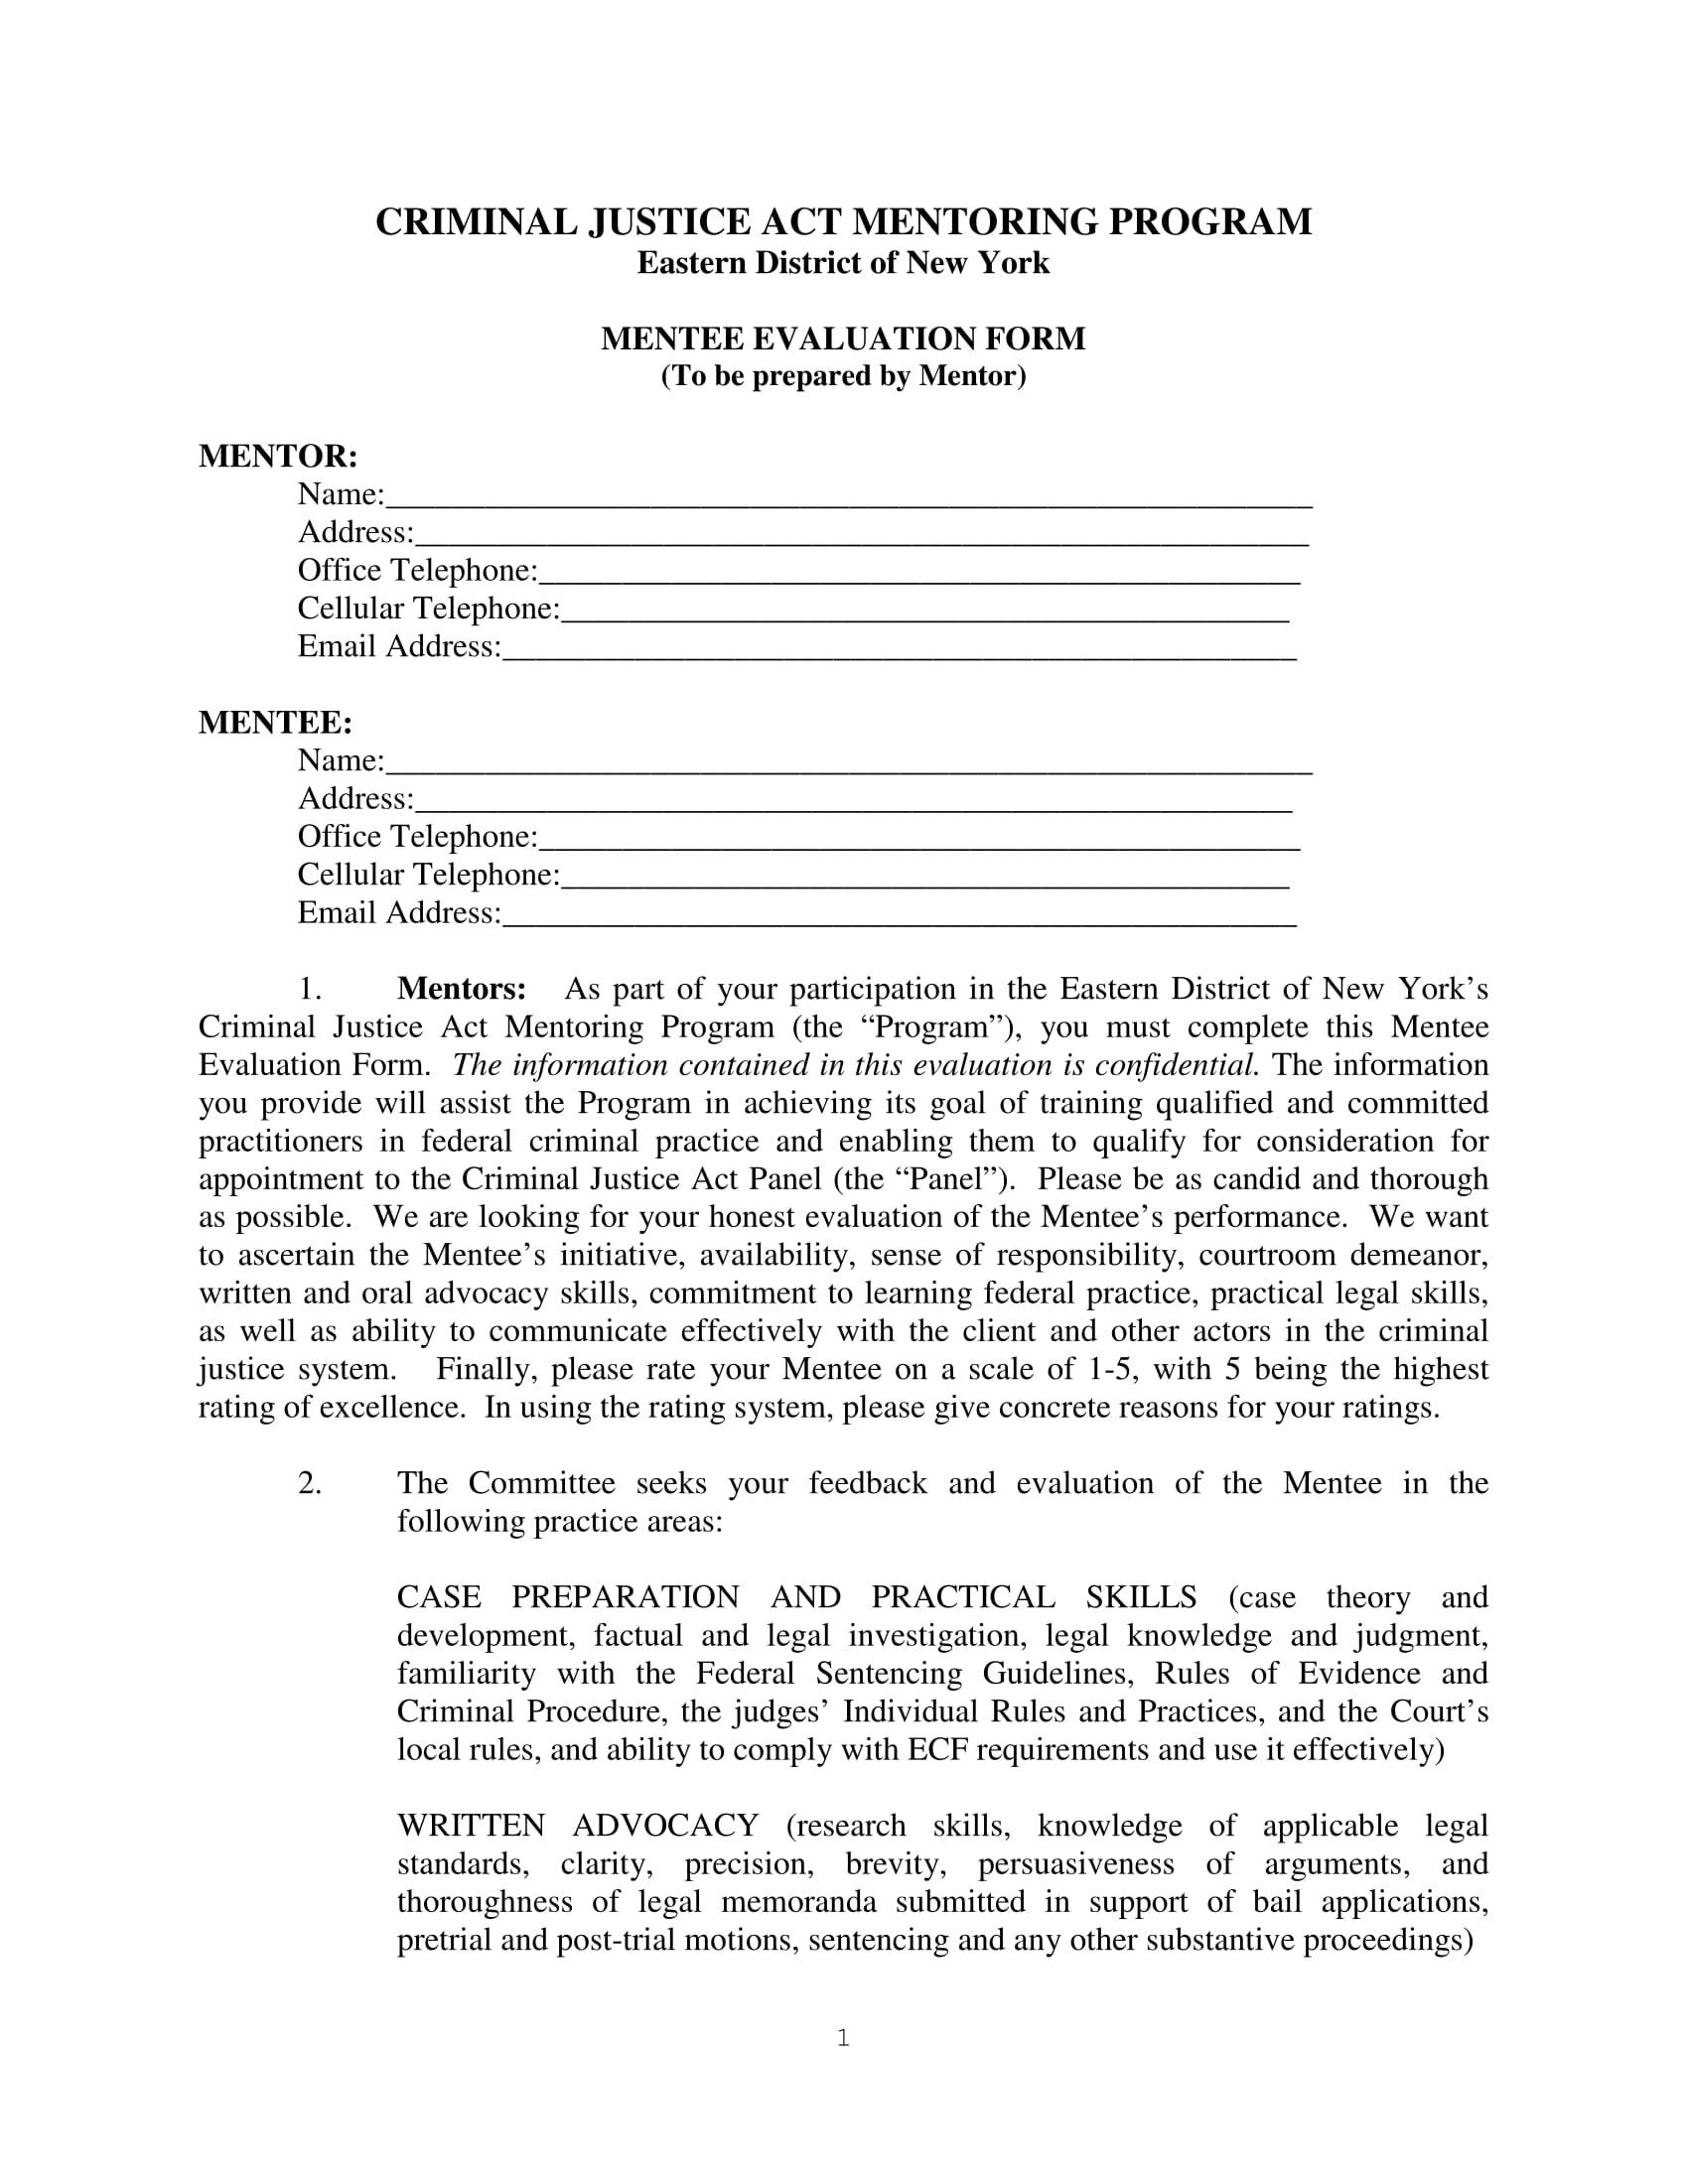 Doj telework agreement form justice mandegarfo doj telework agreement form justice maxwellsz